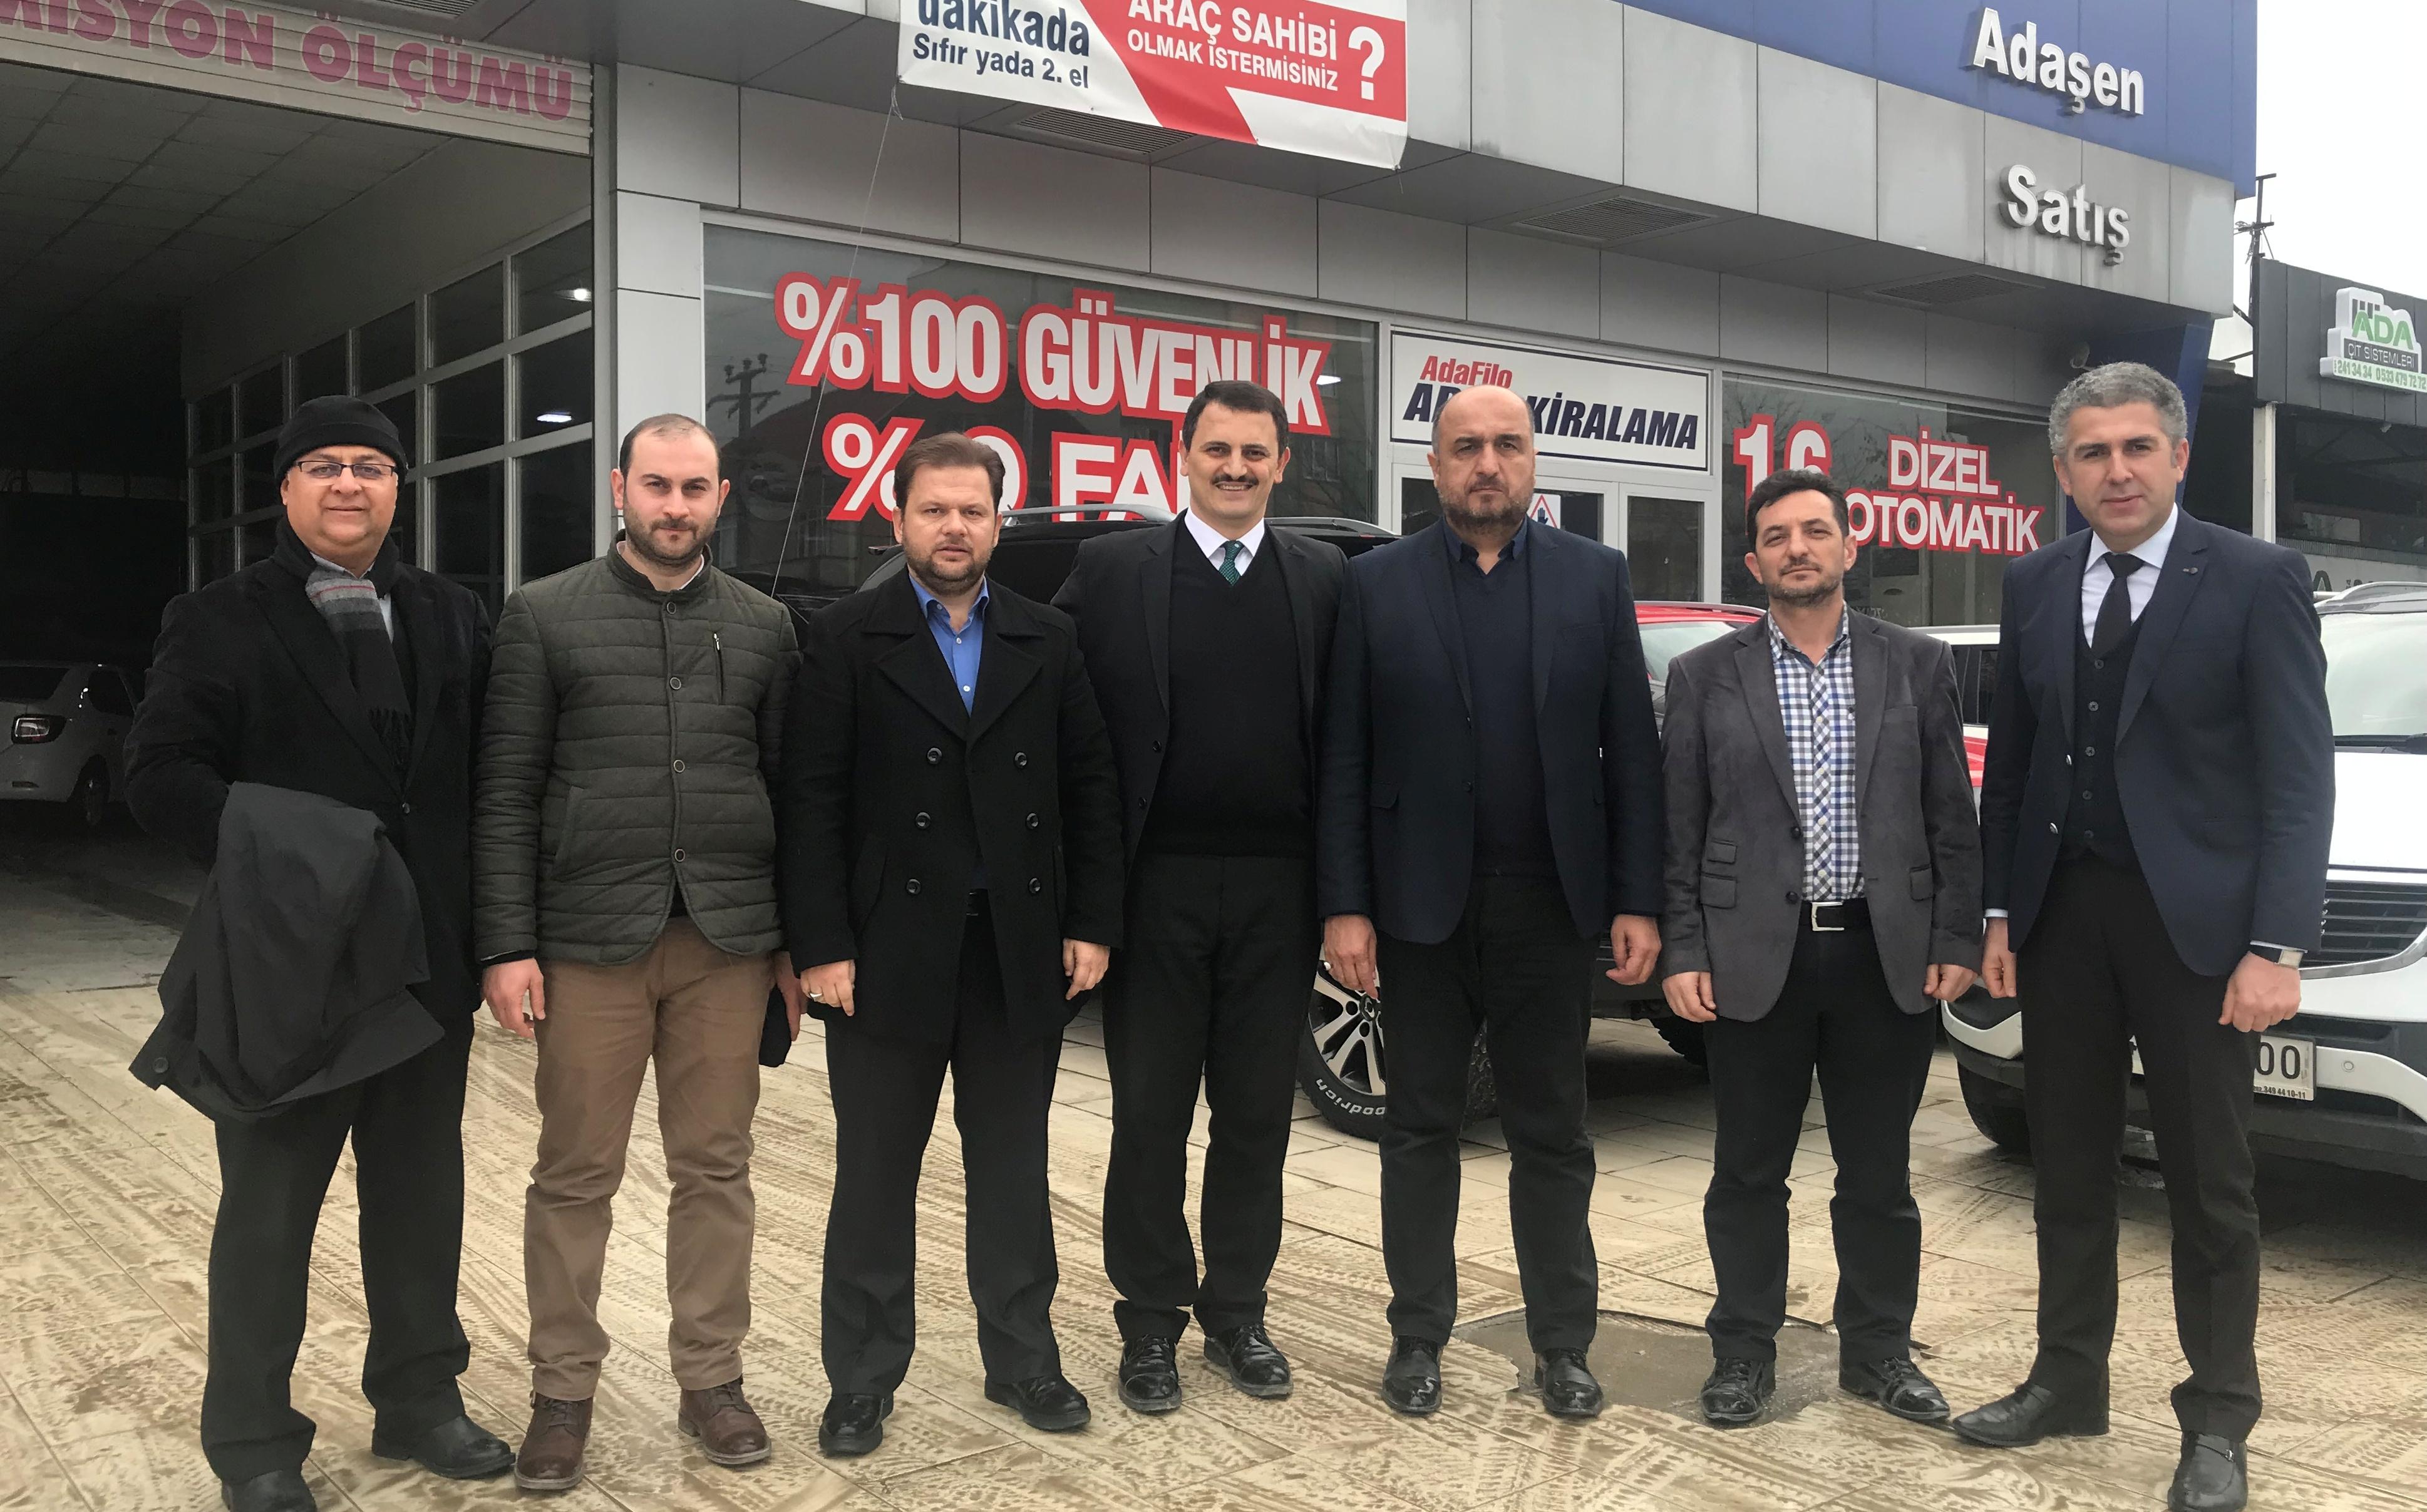 TÜMSİAD Başkanı Ölmez ''Üyelerimizin yanındayız''